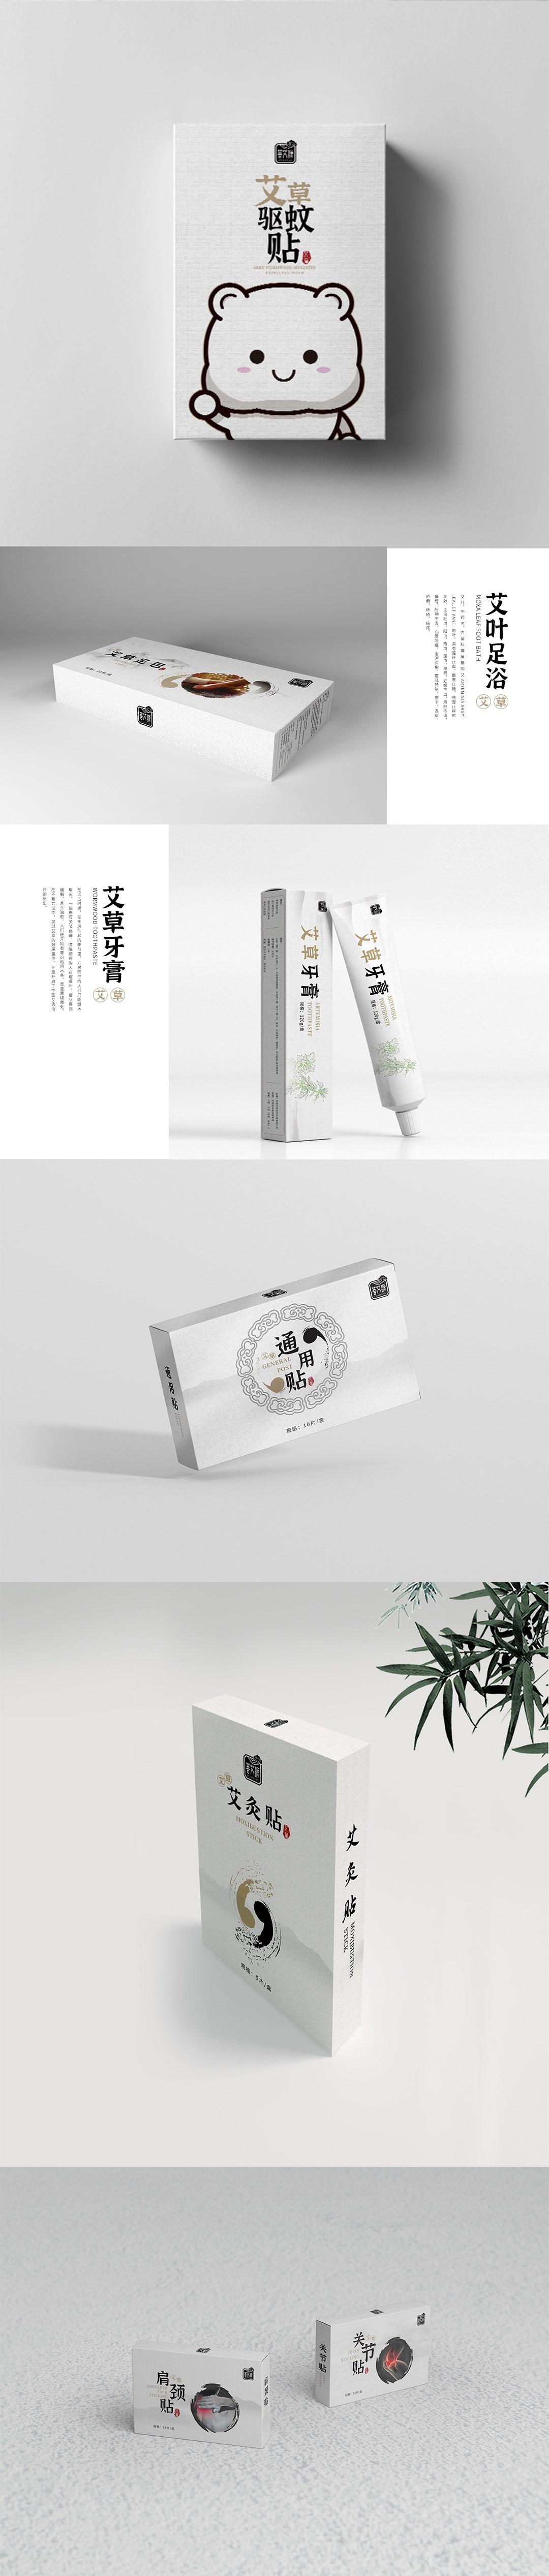 艾草系列产品包装设计